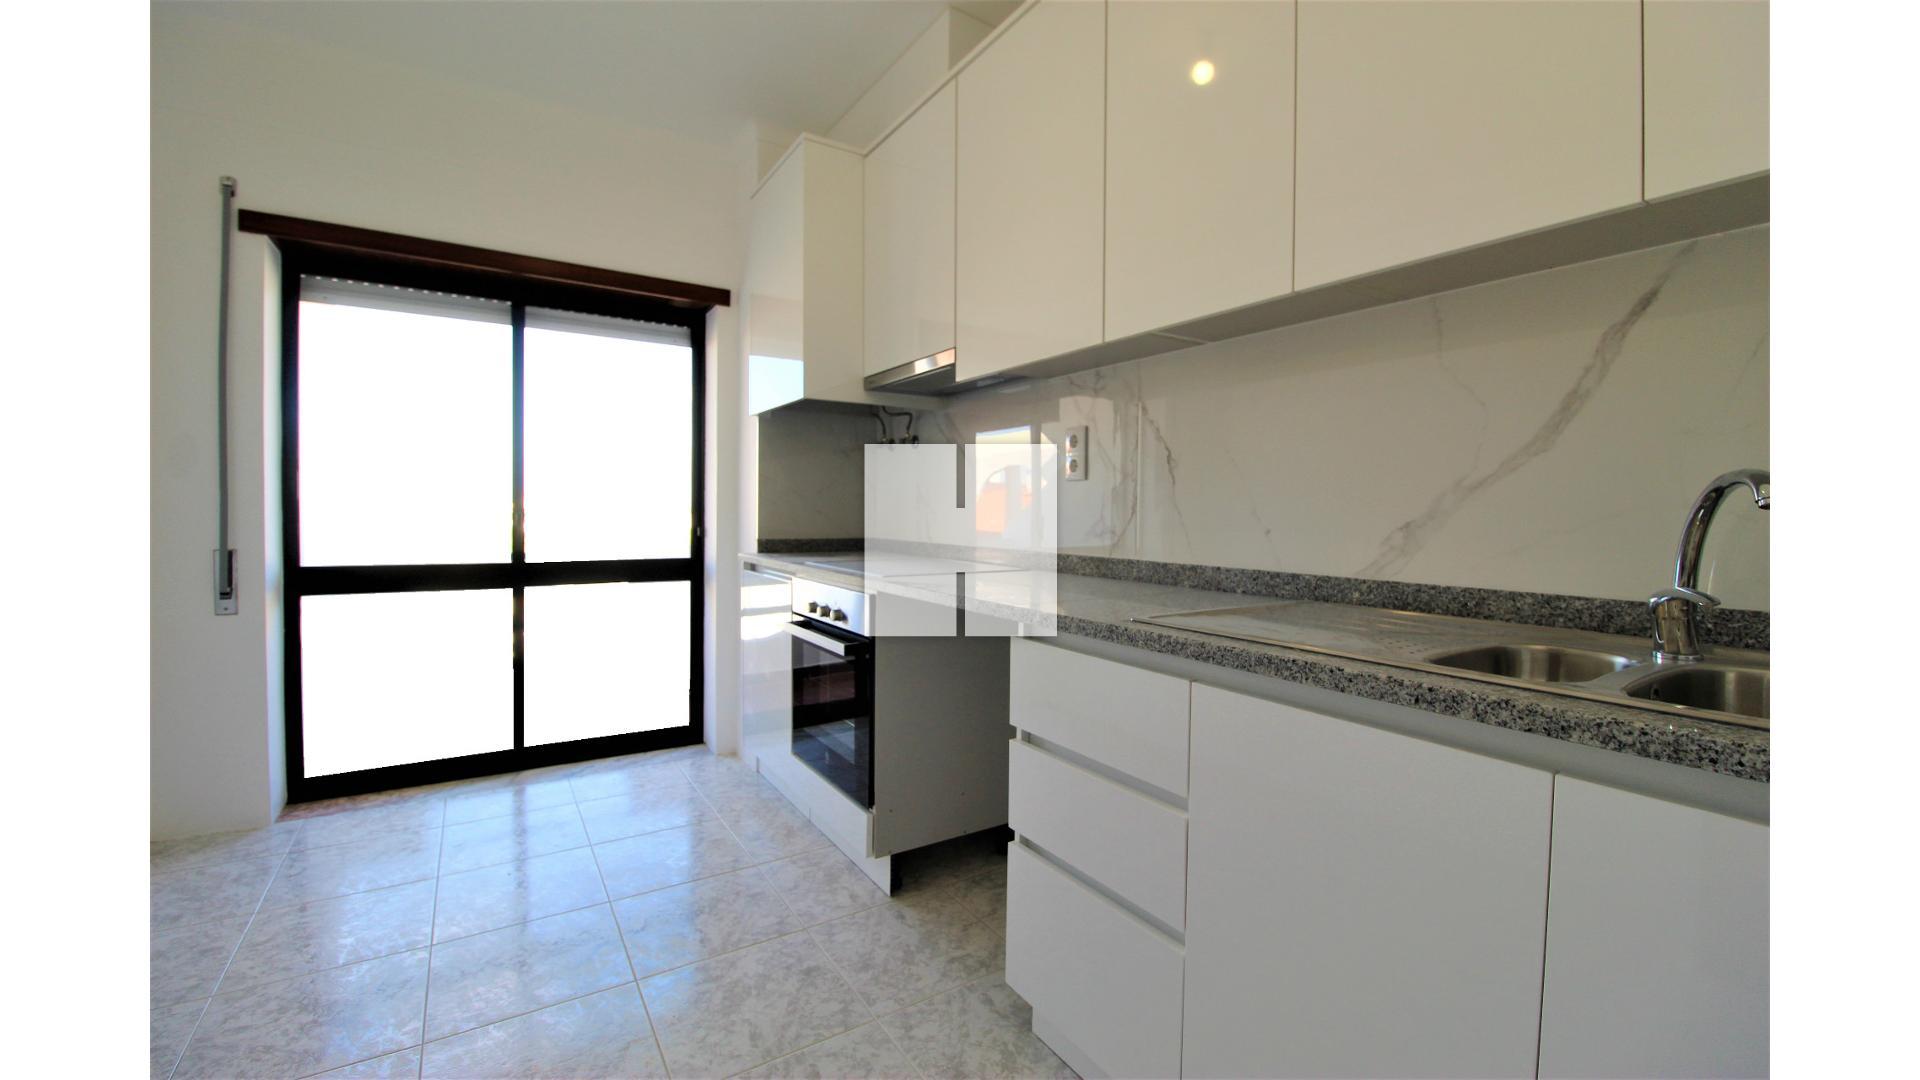 Apartamento T1 em Buarcos figueira da foz, Buarcos e Sao Juliao